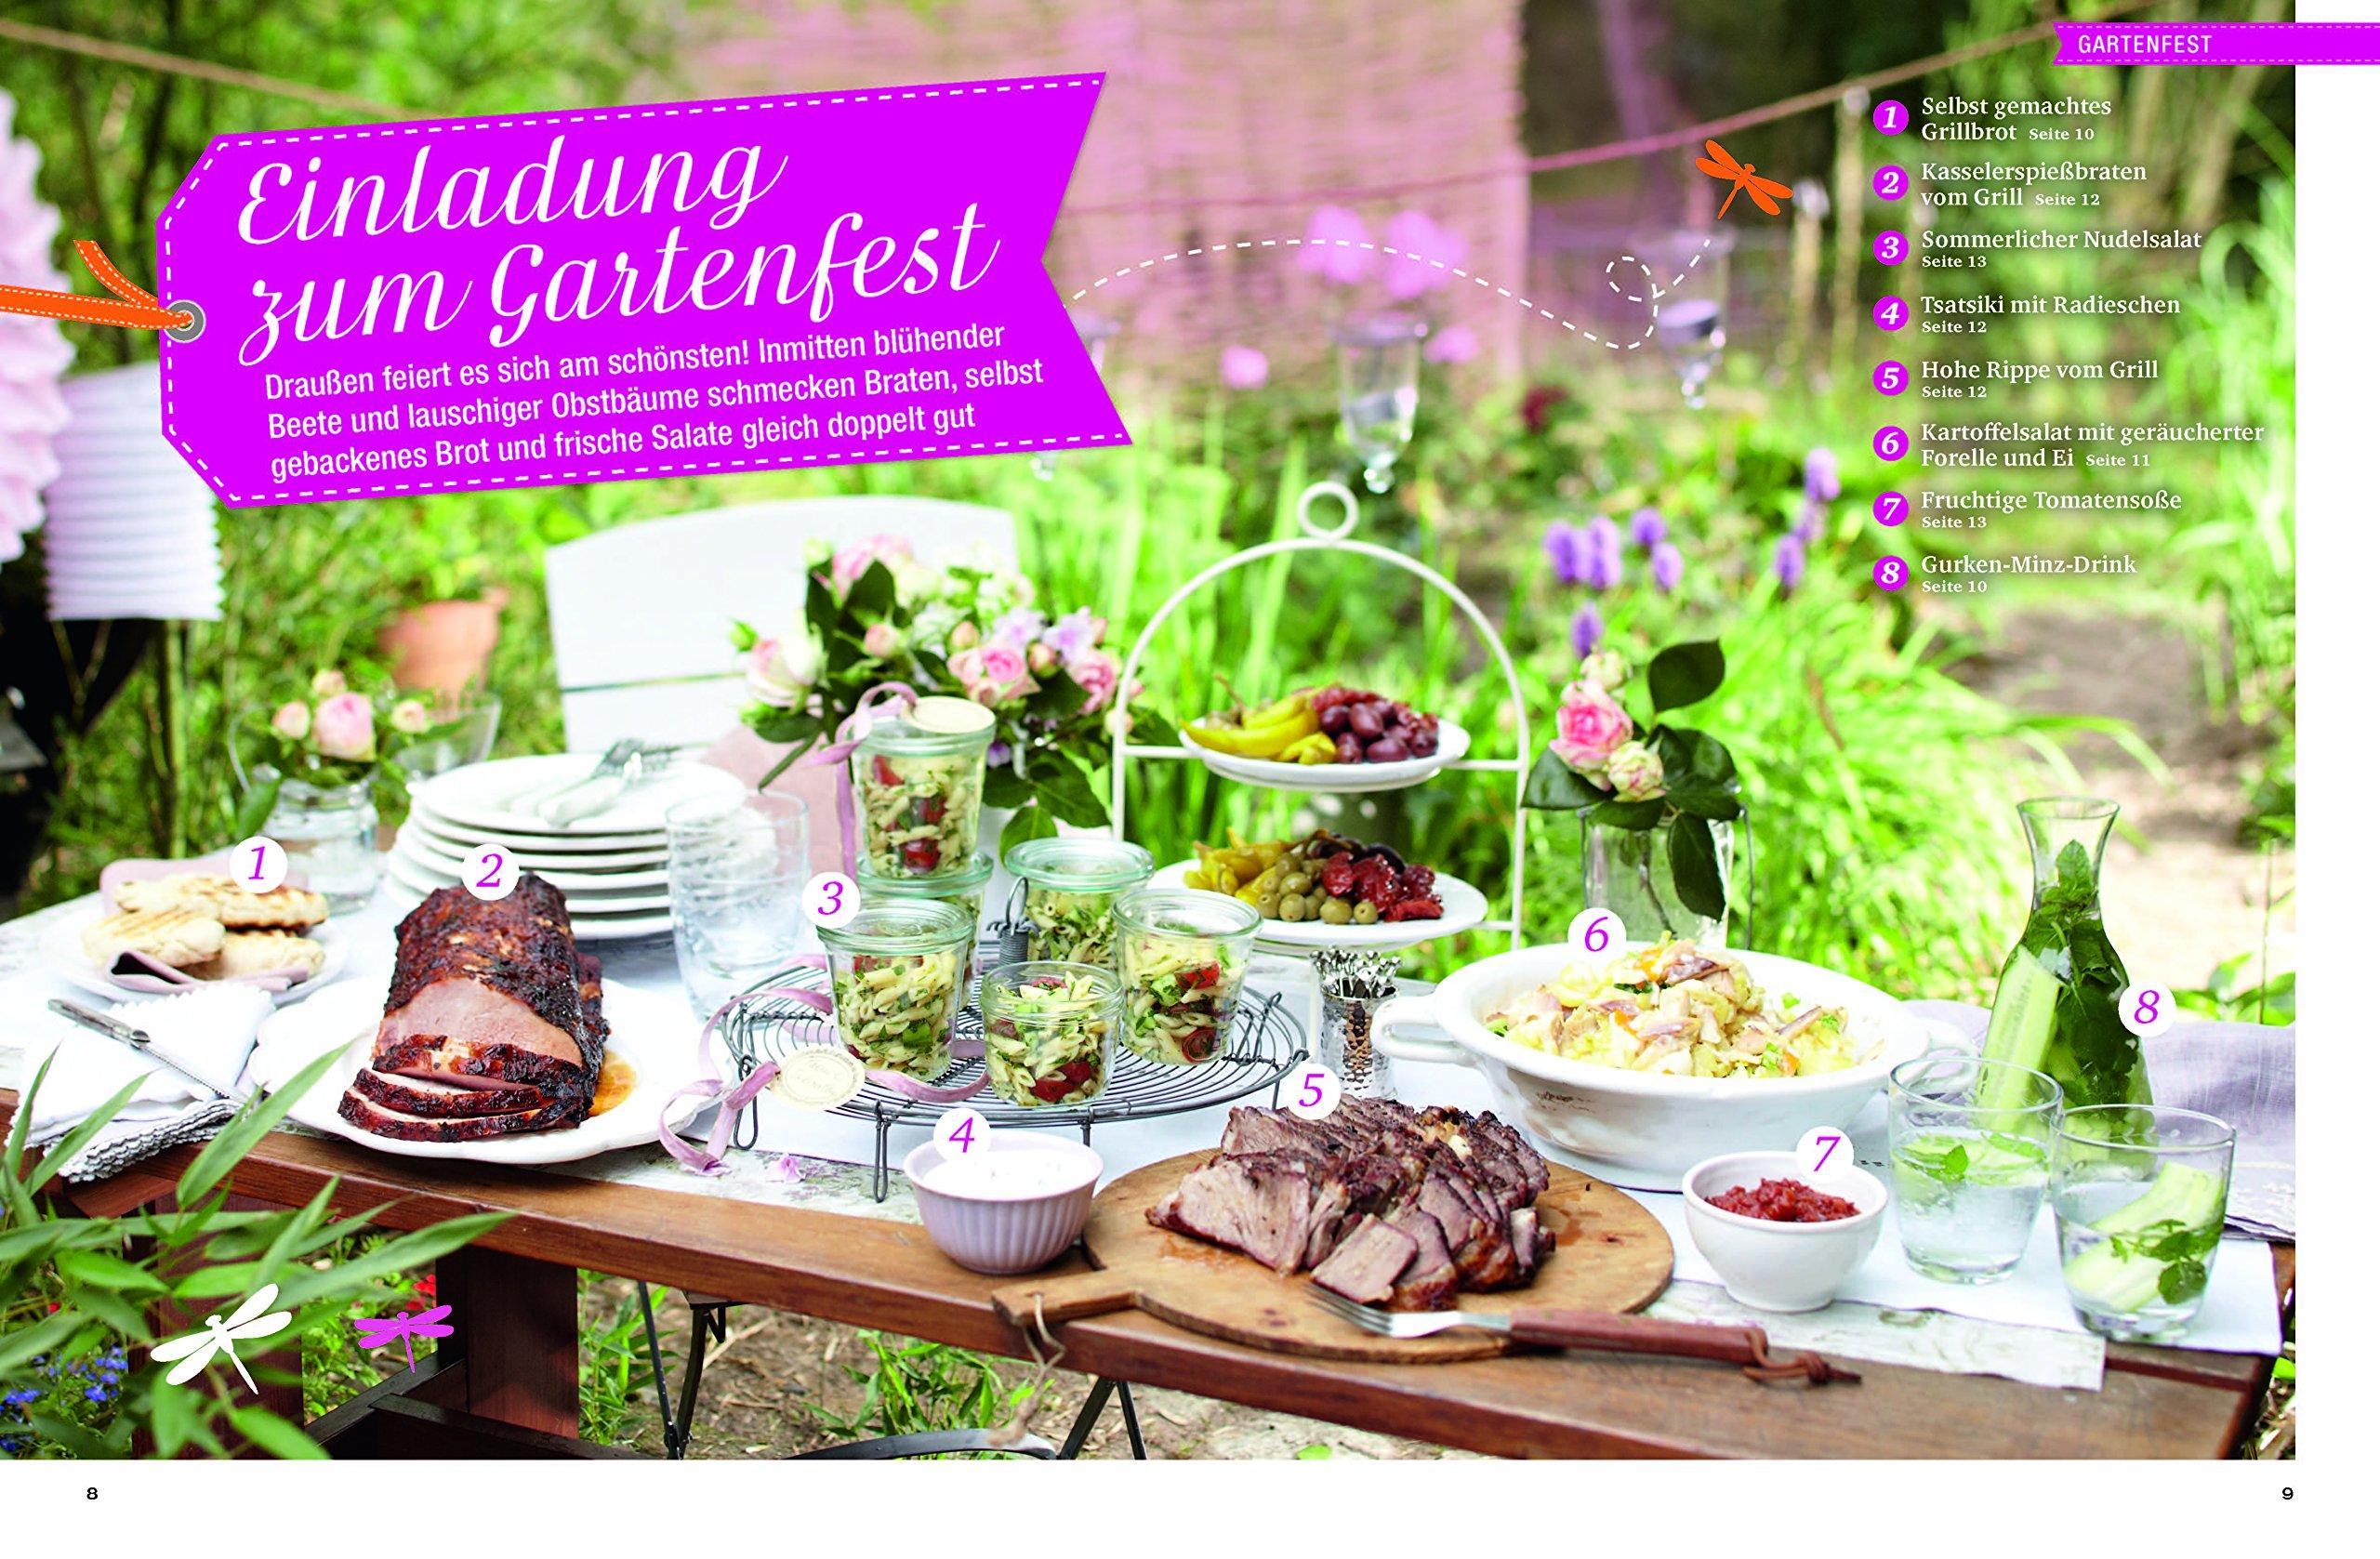 Sommerküche Kochen Und Genießen : Kochen genießen sommerküche grillen picknick gartenfest und